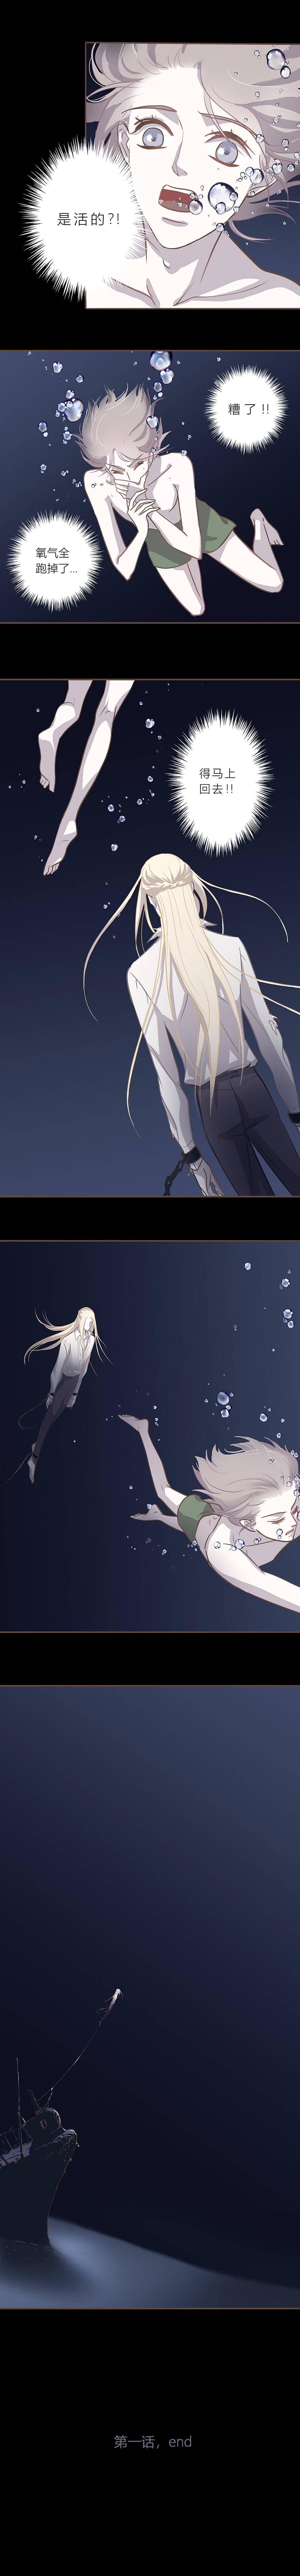 原创             好家伙!痛失所爱来到海边散心的他,竟在深深海底邂逅了自己的真爱?!